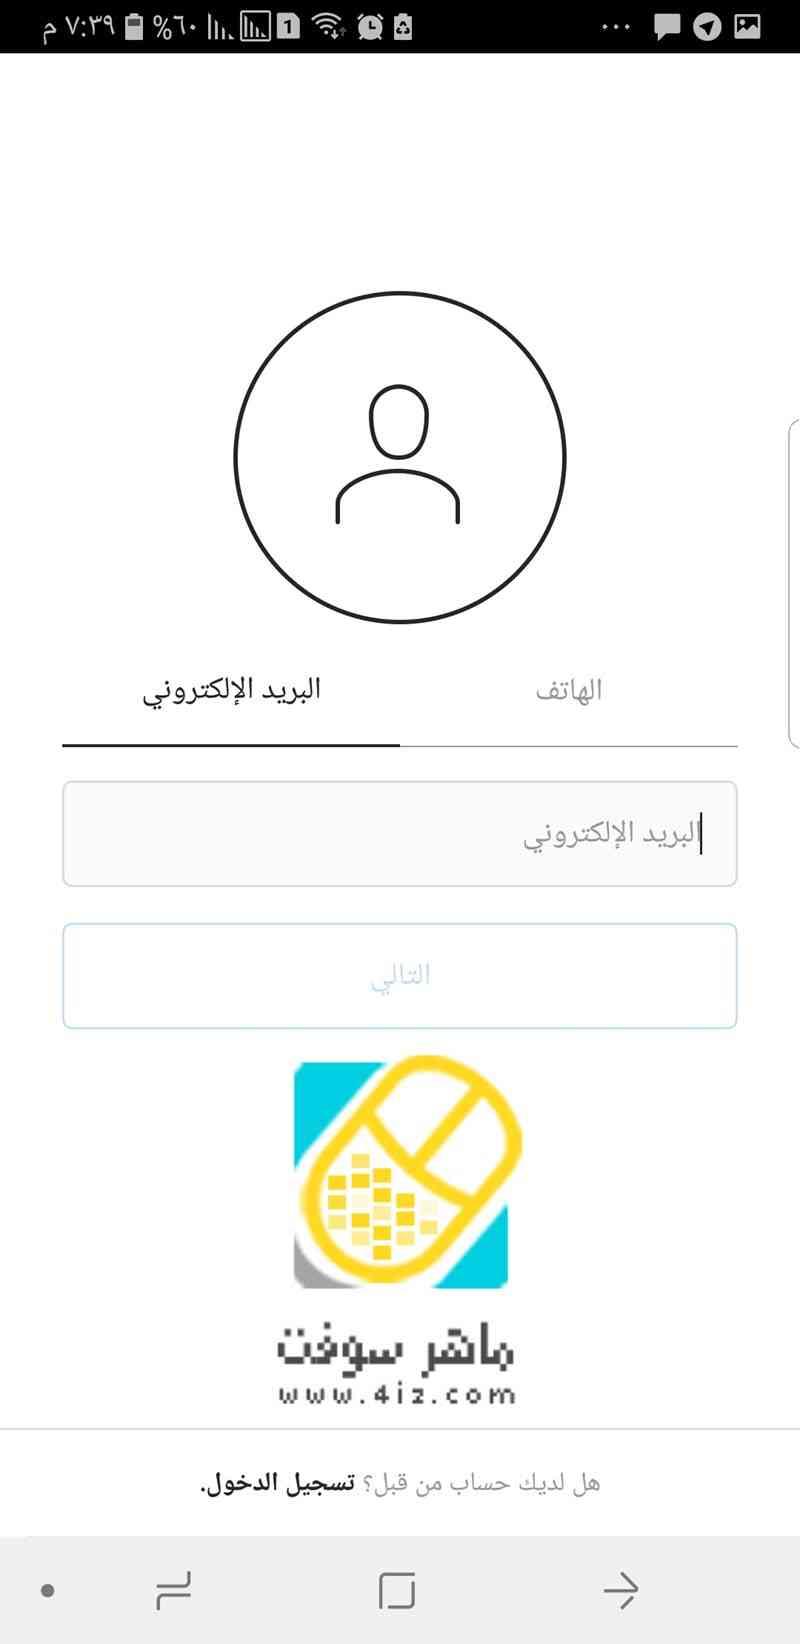 تسجيل حساب إنستقرام جديد 2019